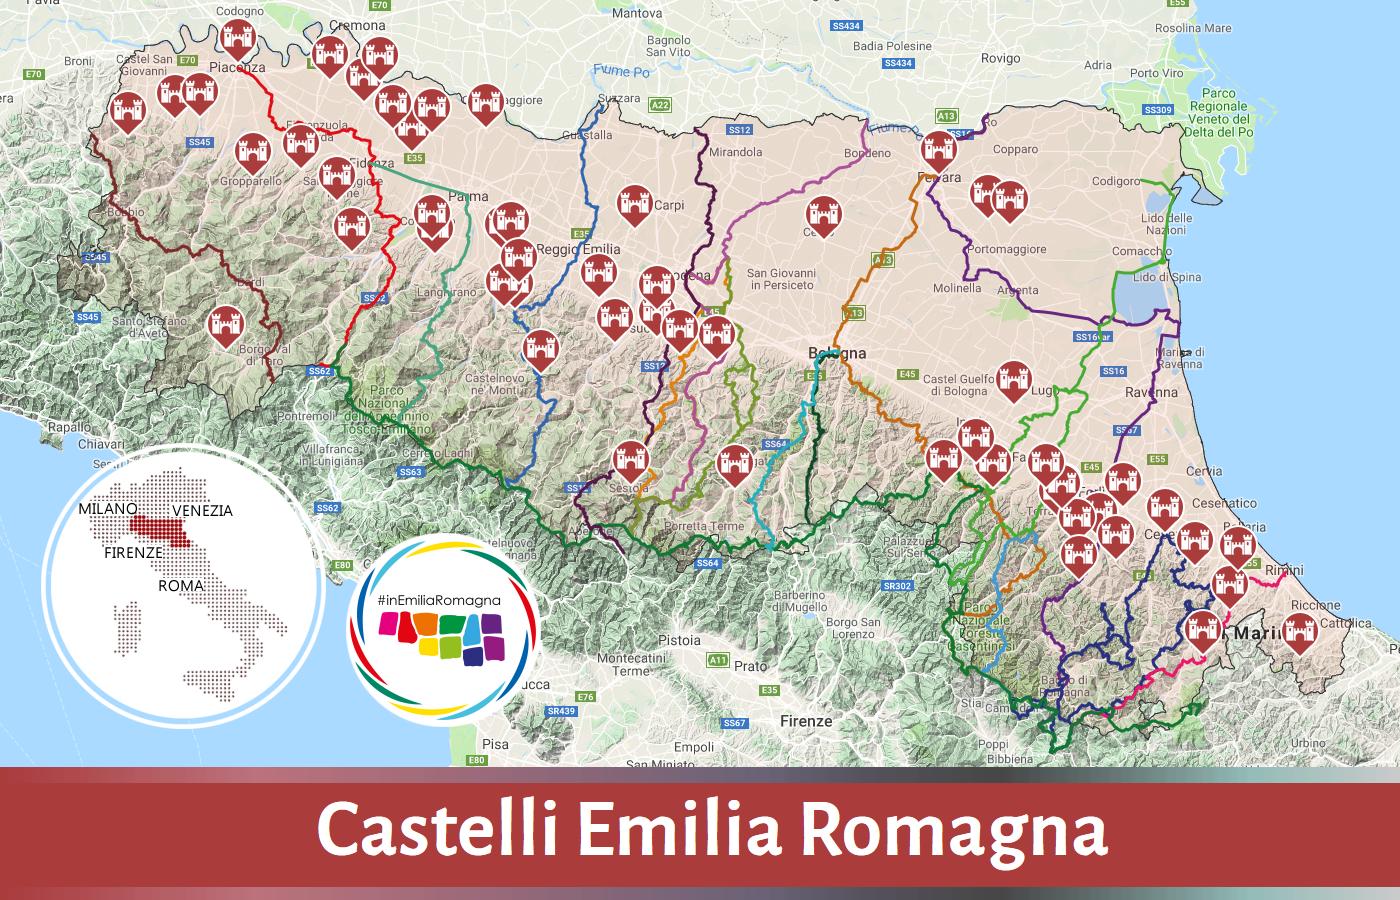 Emilia Romagna Cartina Province.Castelli Emilia Romagna